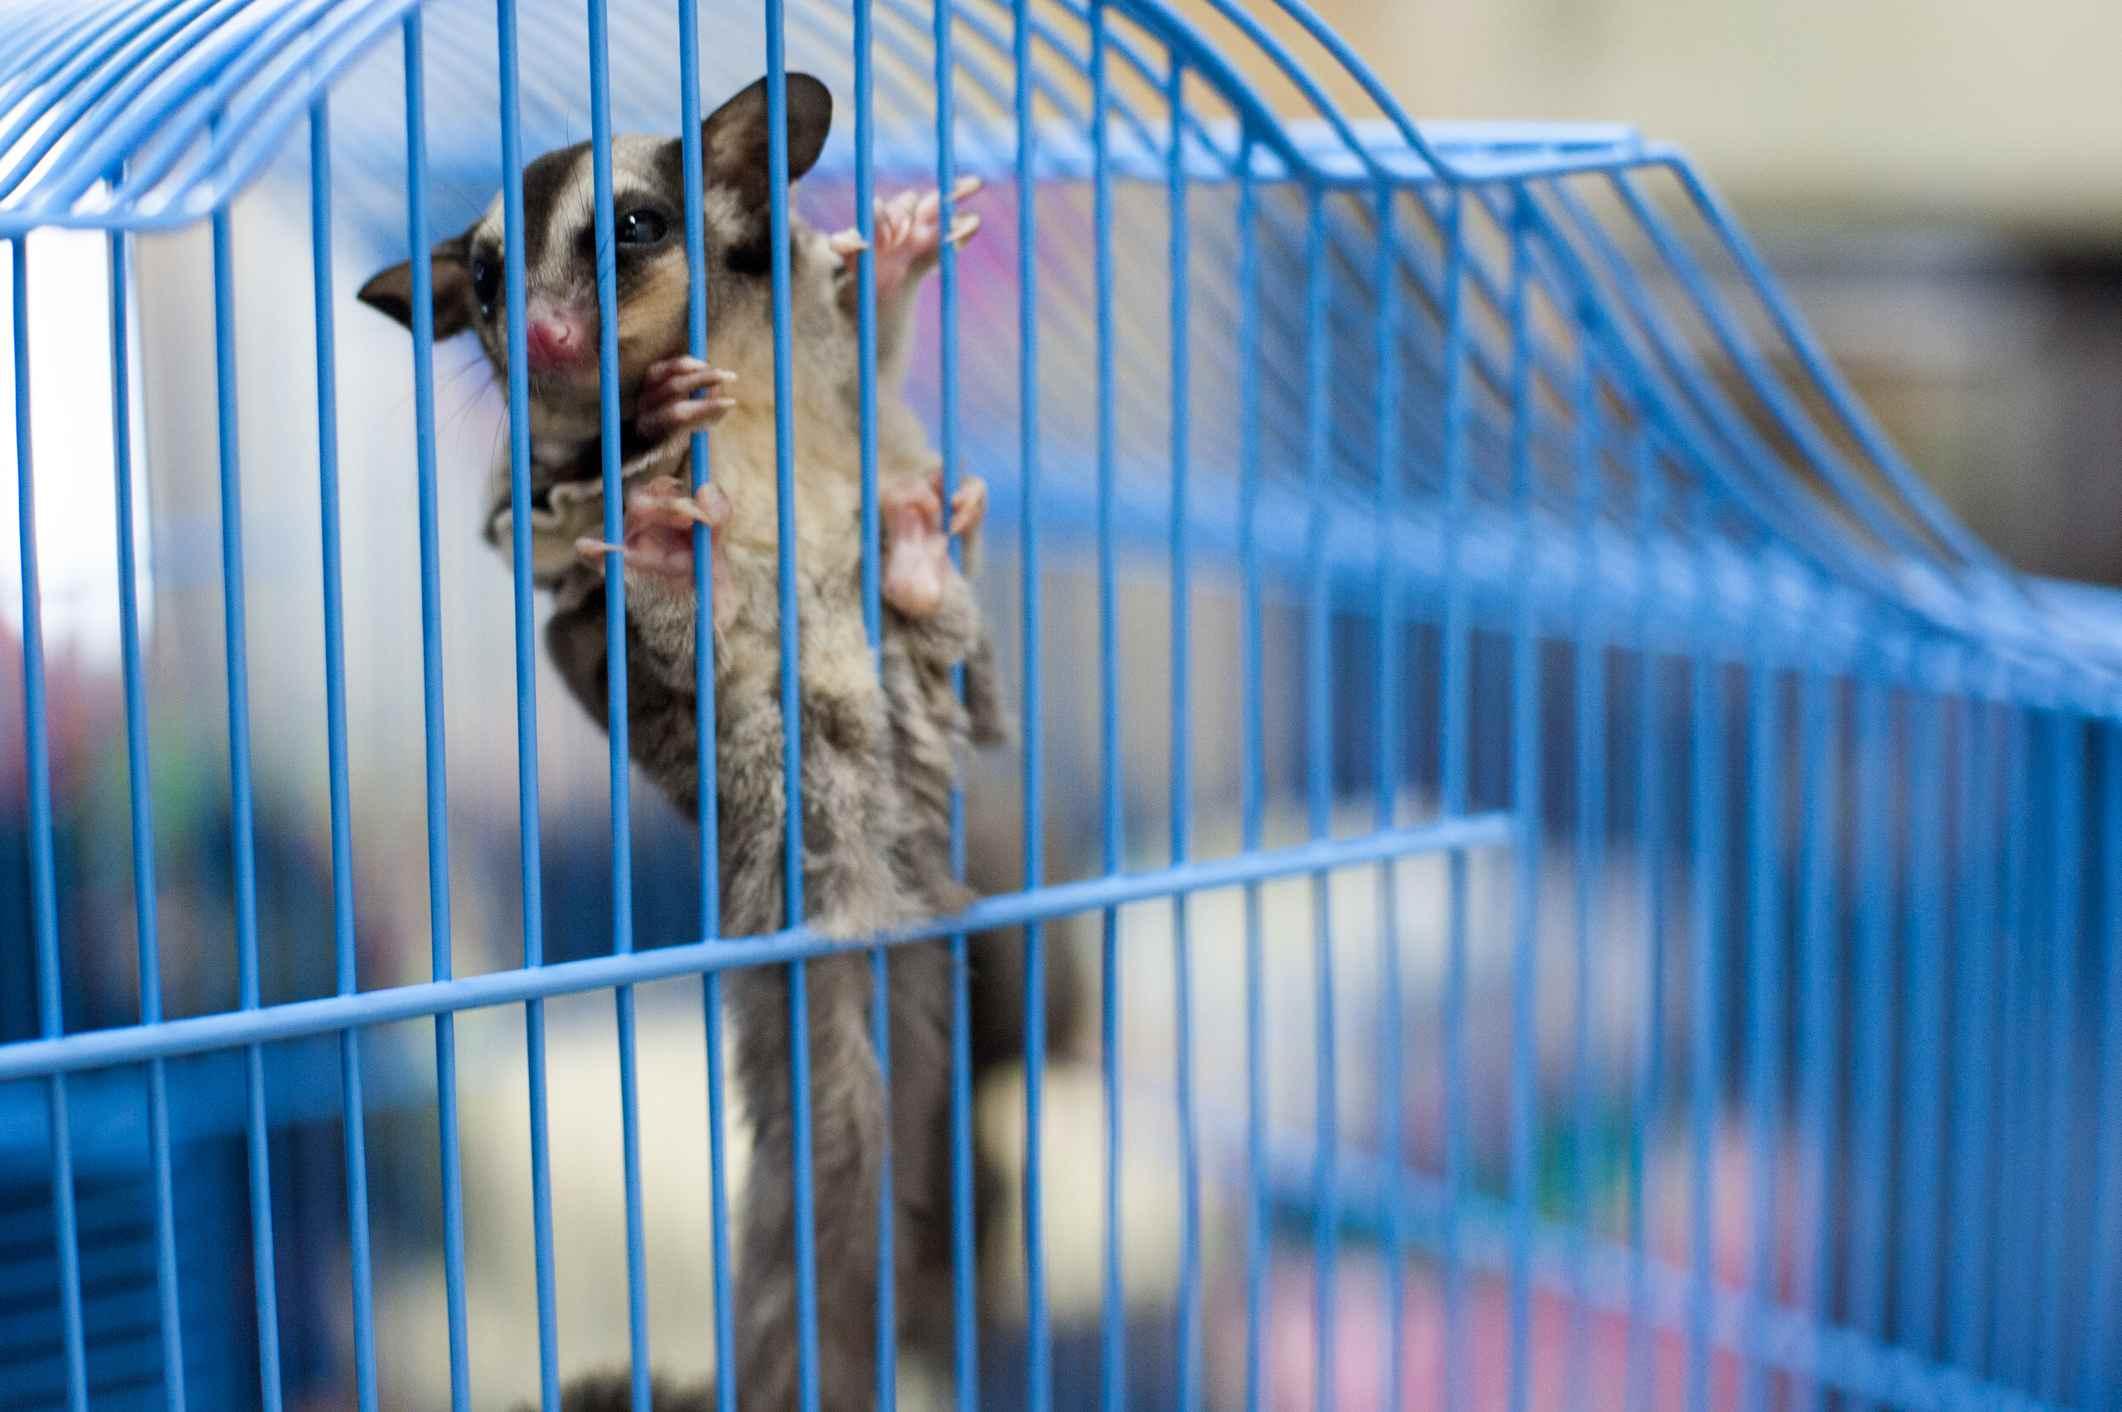 Sugar glider in blue cage